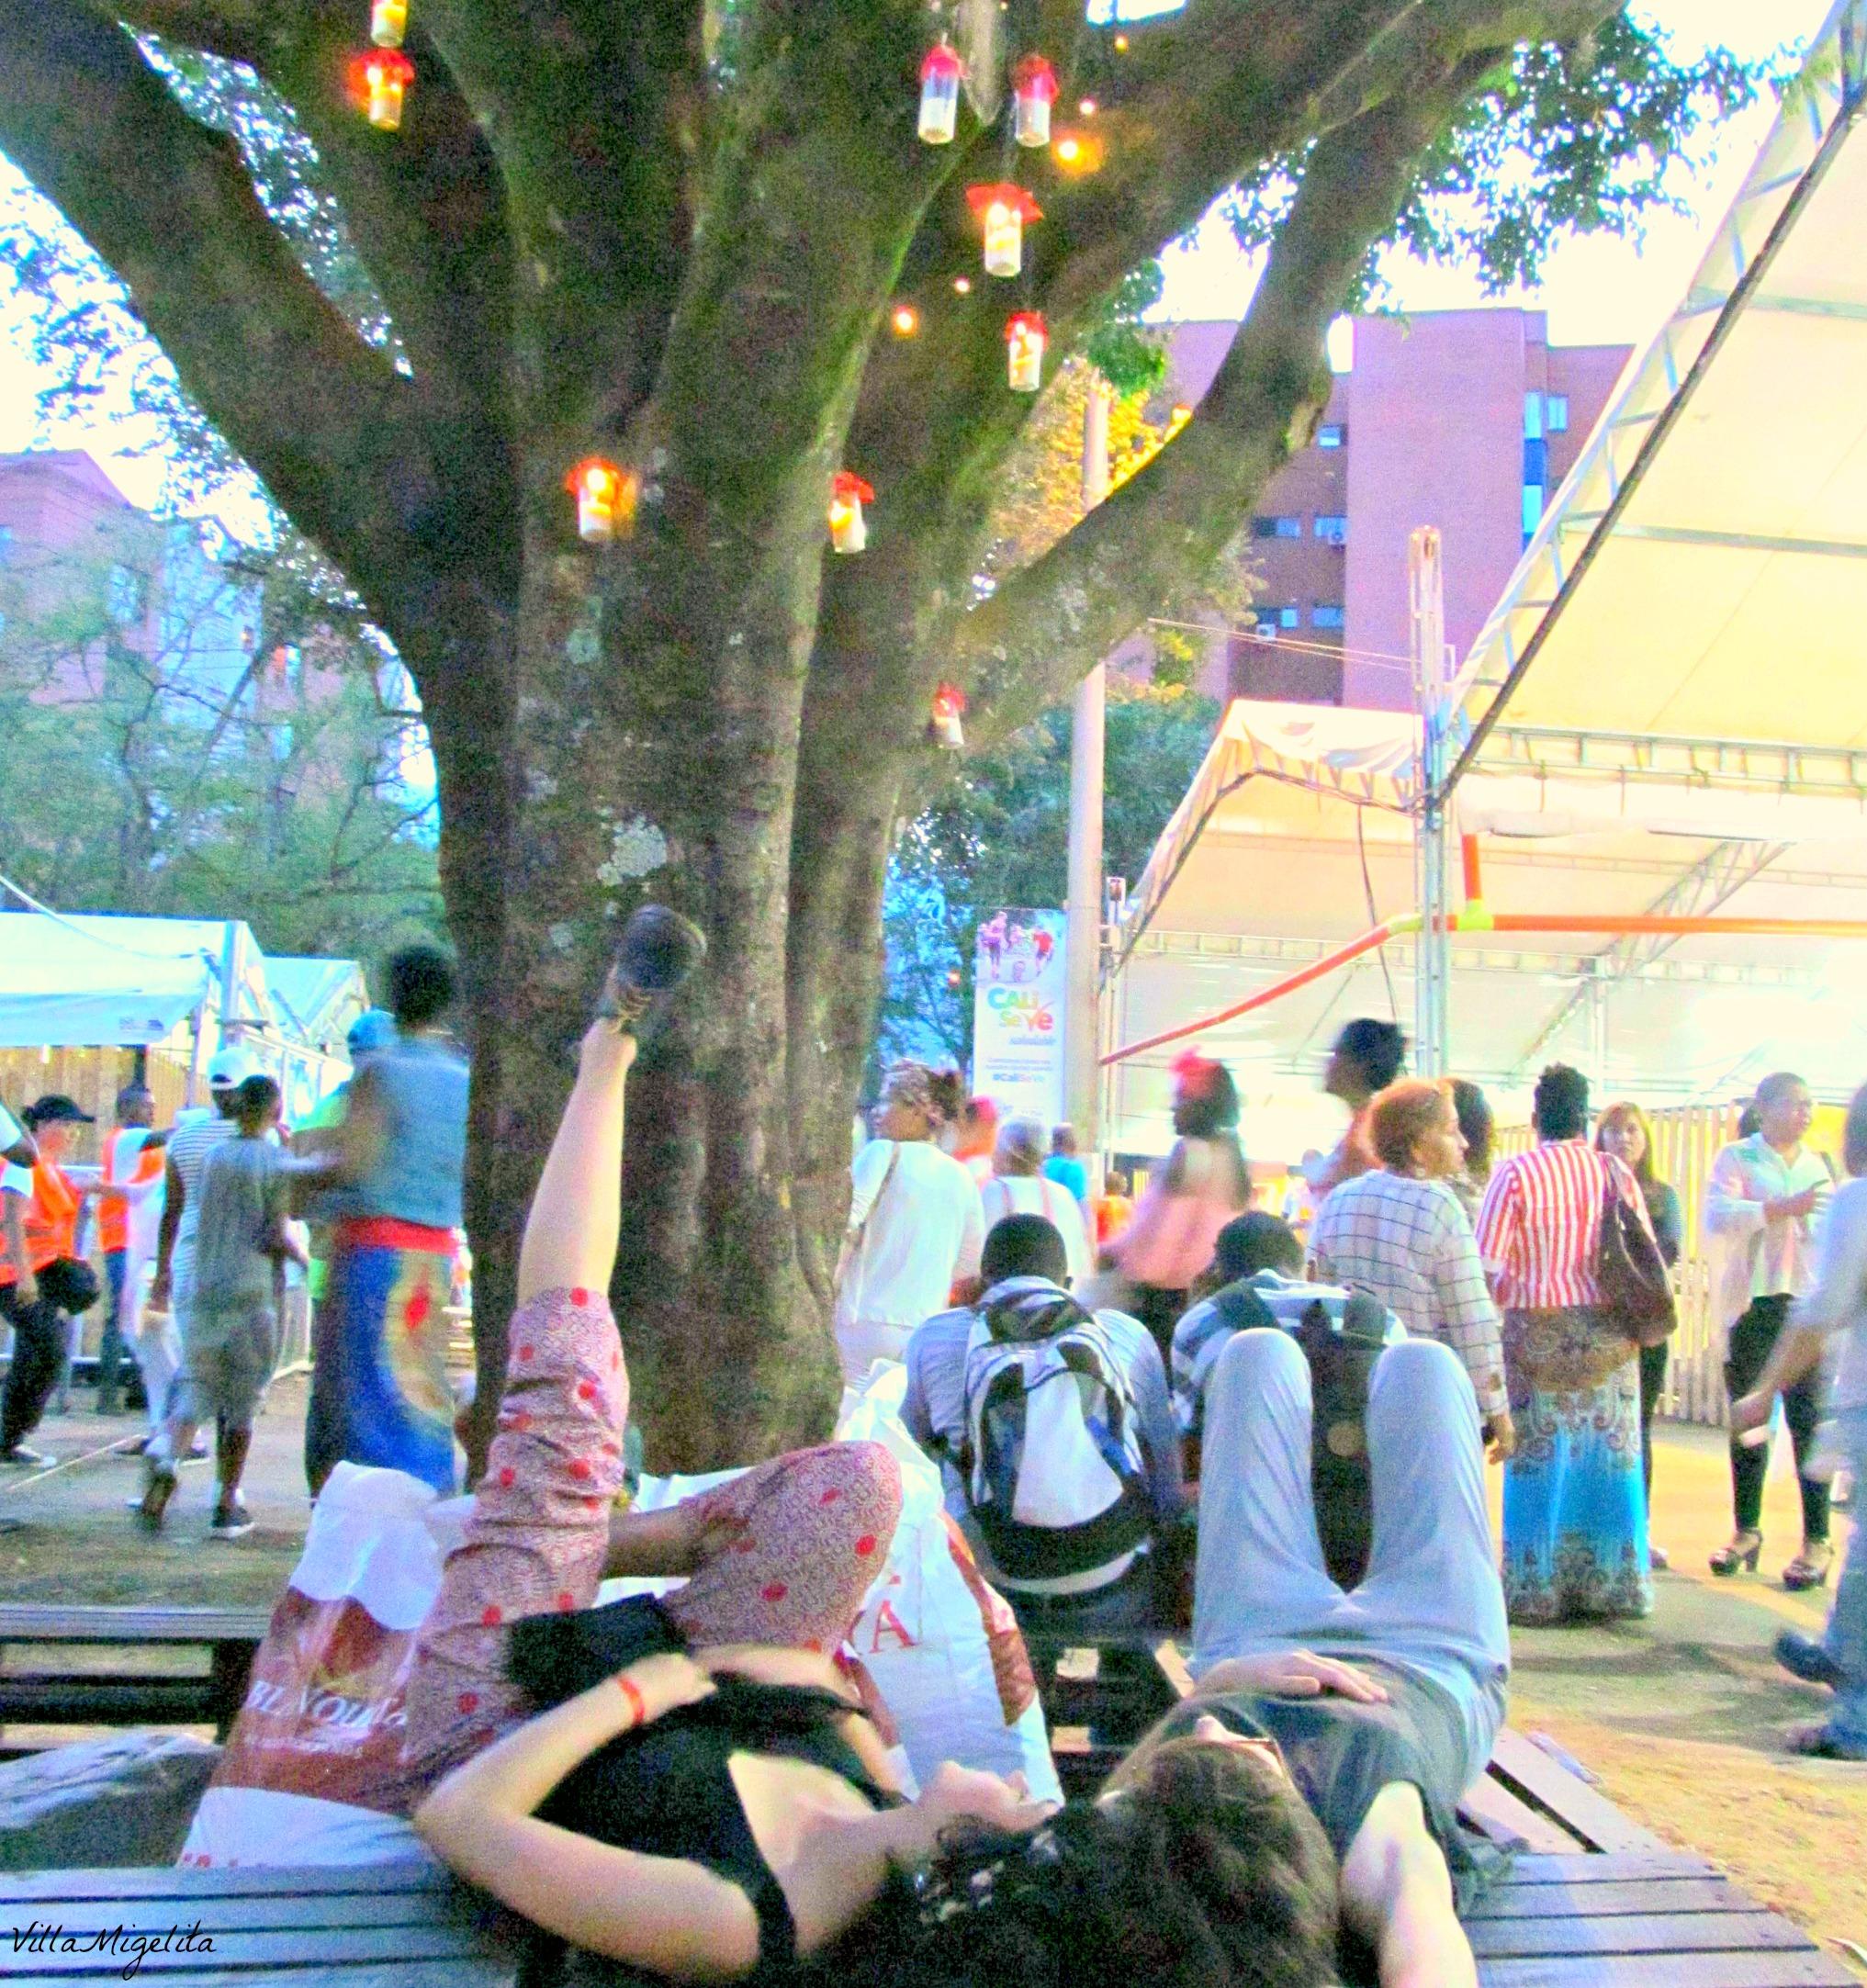 Pacific coast festival 017